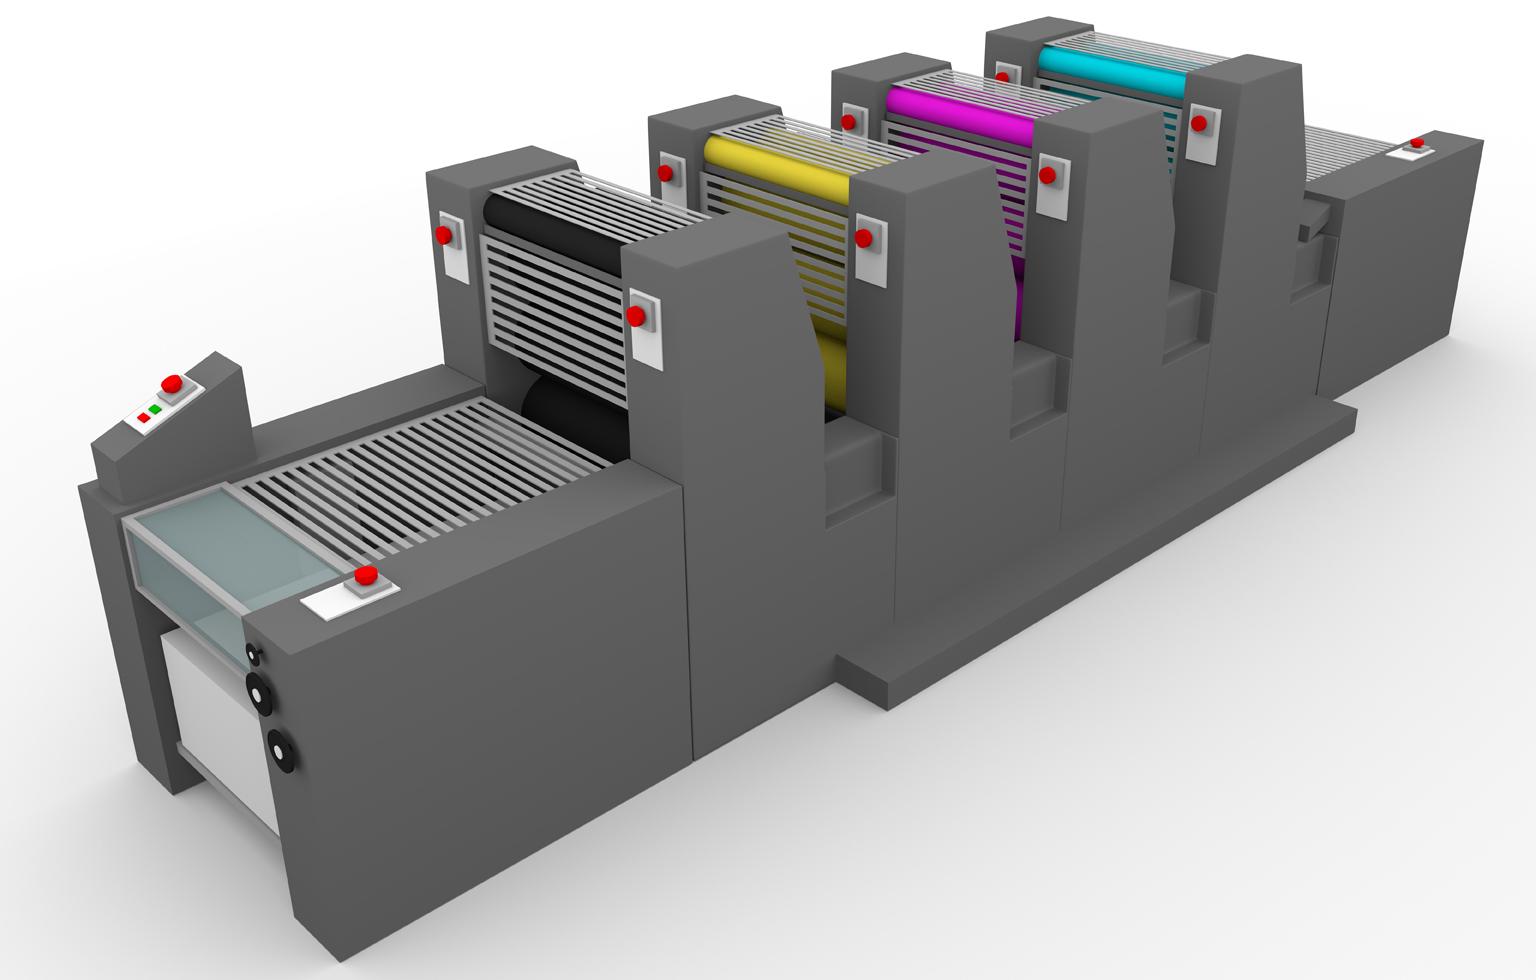 Bogenoffset-Druckmaschine mit Bogenanleger und vier Druckwerken